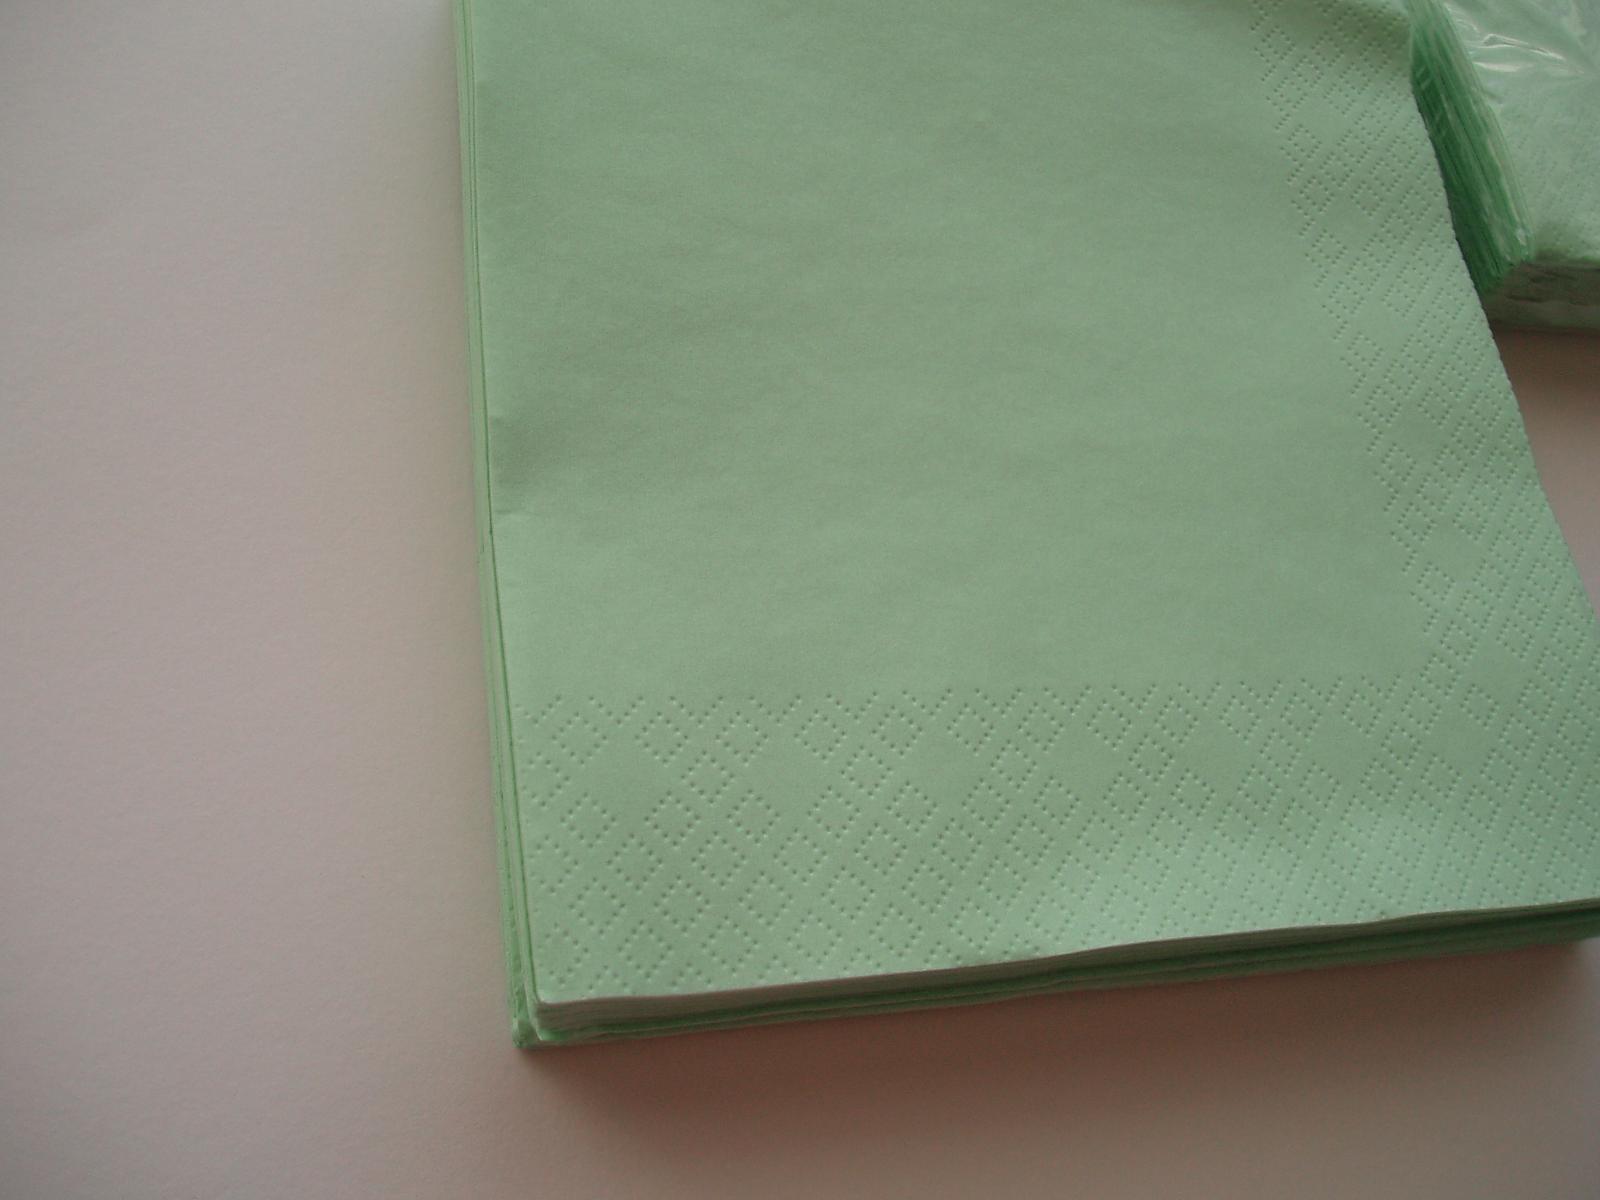 papírové ubrousky-mentolové - Obrázek č. 1